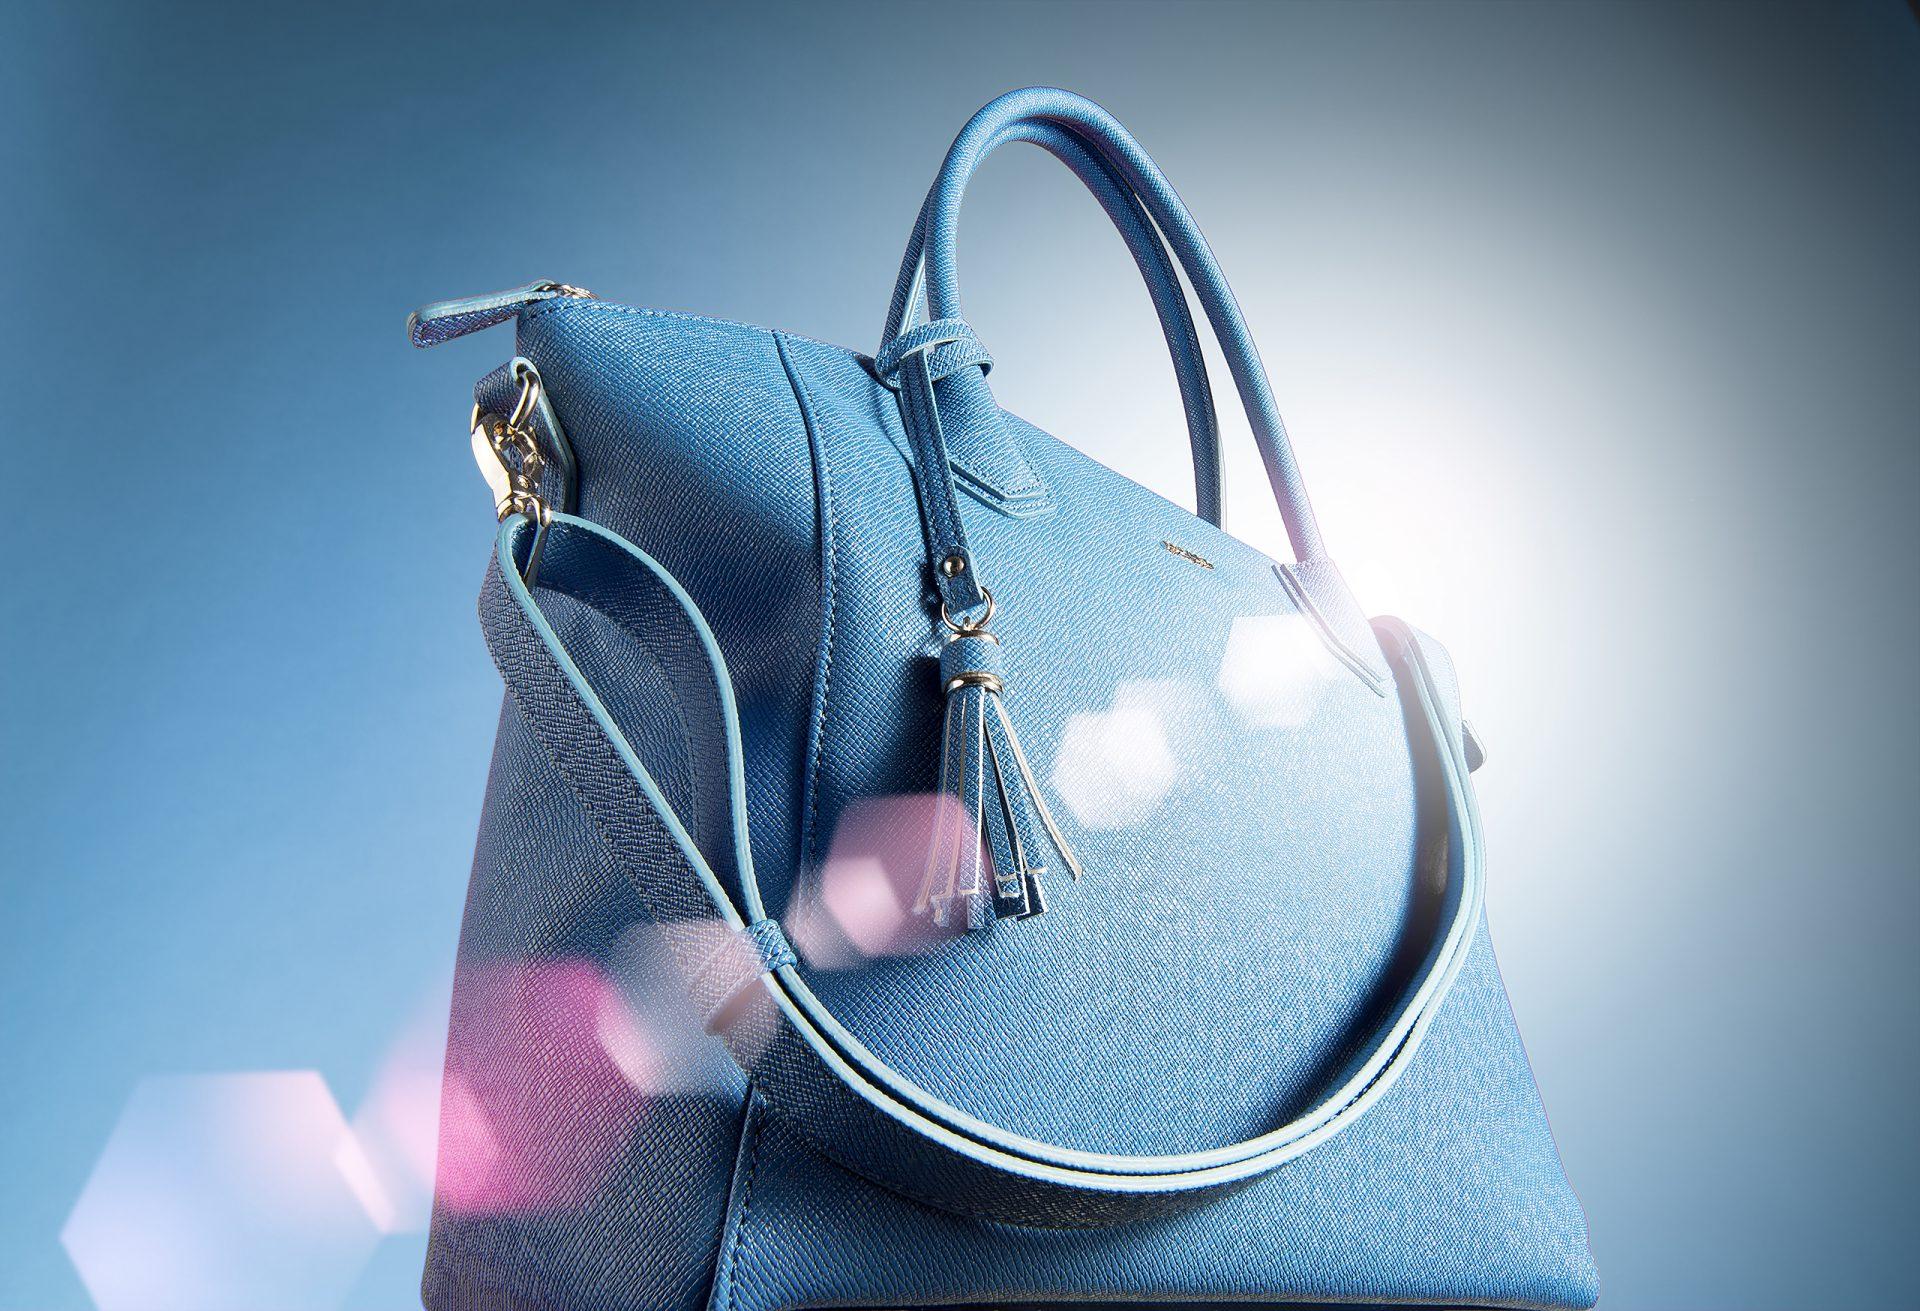 Klaeinhempel Media Services Produktfoto einer Damenhandtasche